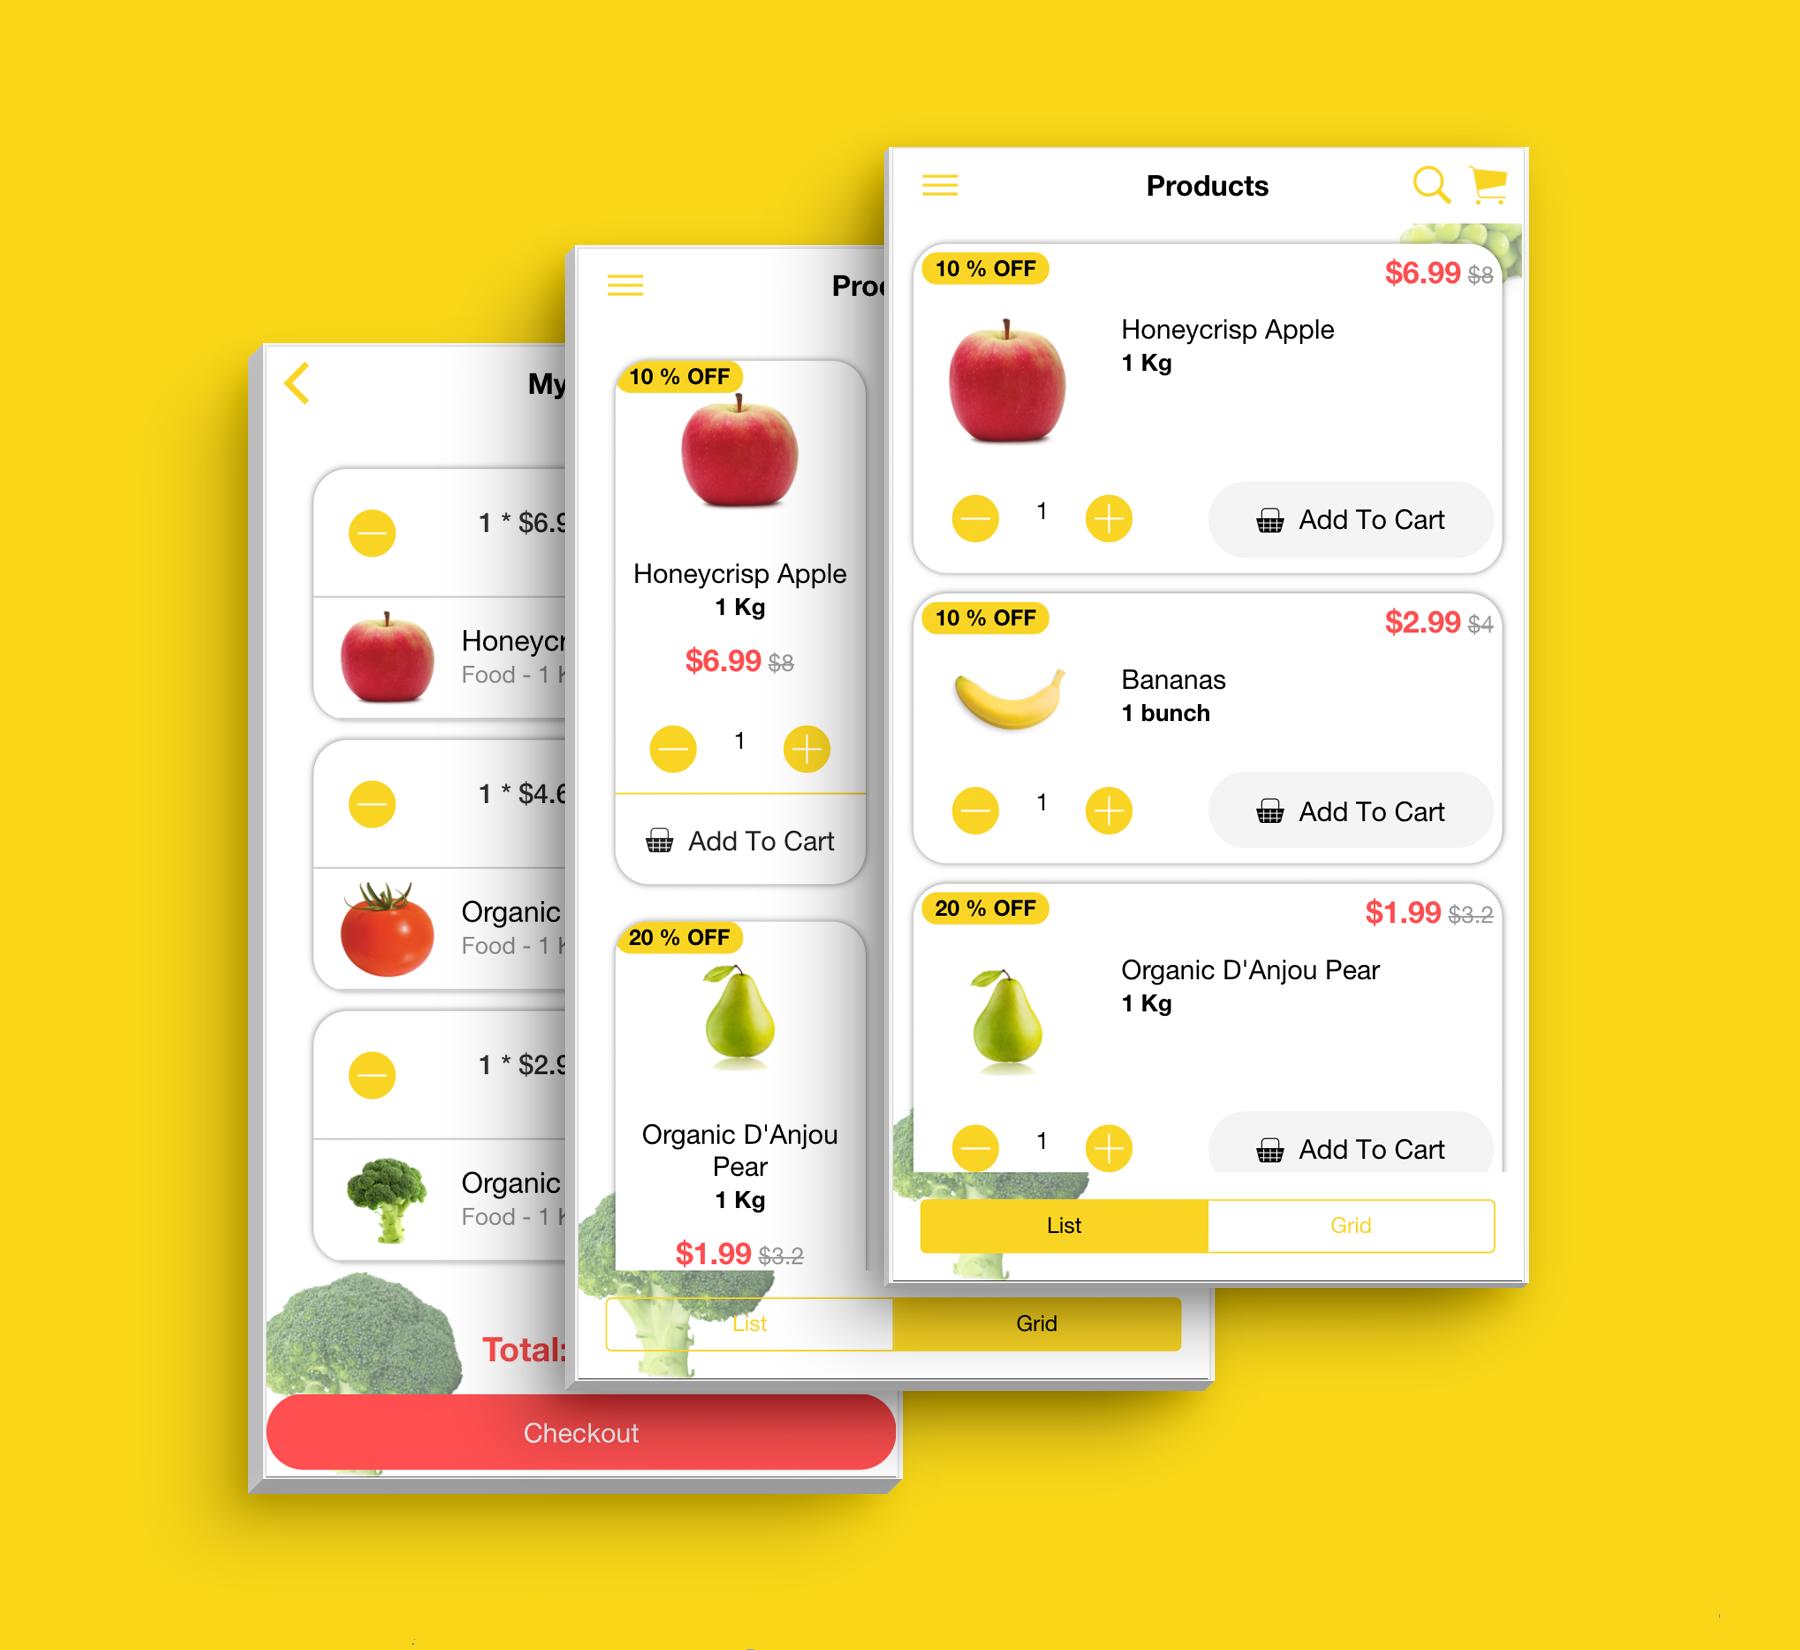 Aplicativo de supermercado de interface do usuário de modelo de comércio eletrônico multifuncional completo compatível com vários idiomas i18n - 9